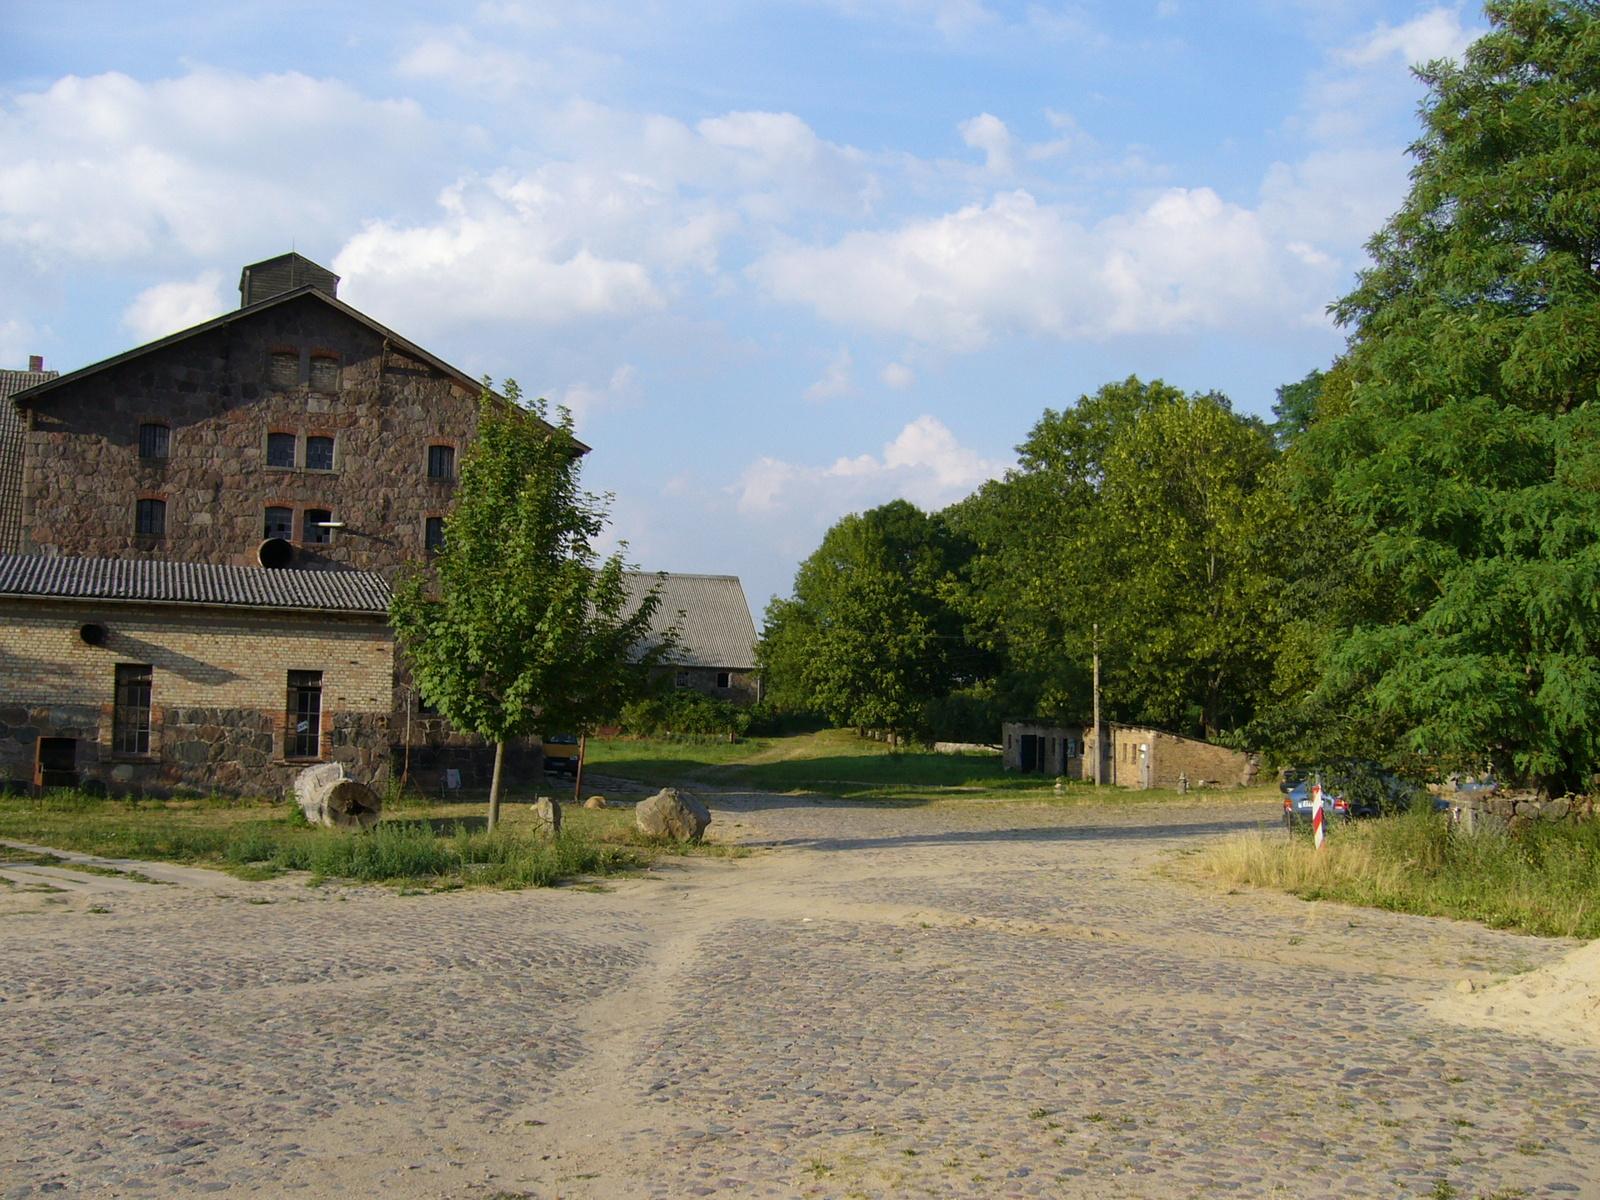 International art research location Schloss Bröllin, Germany